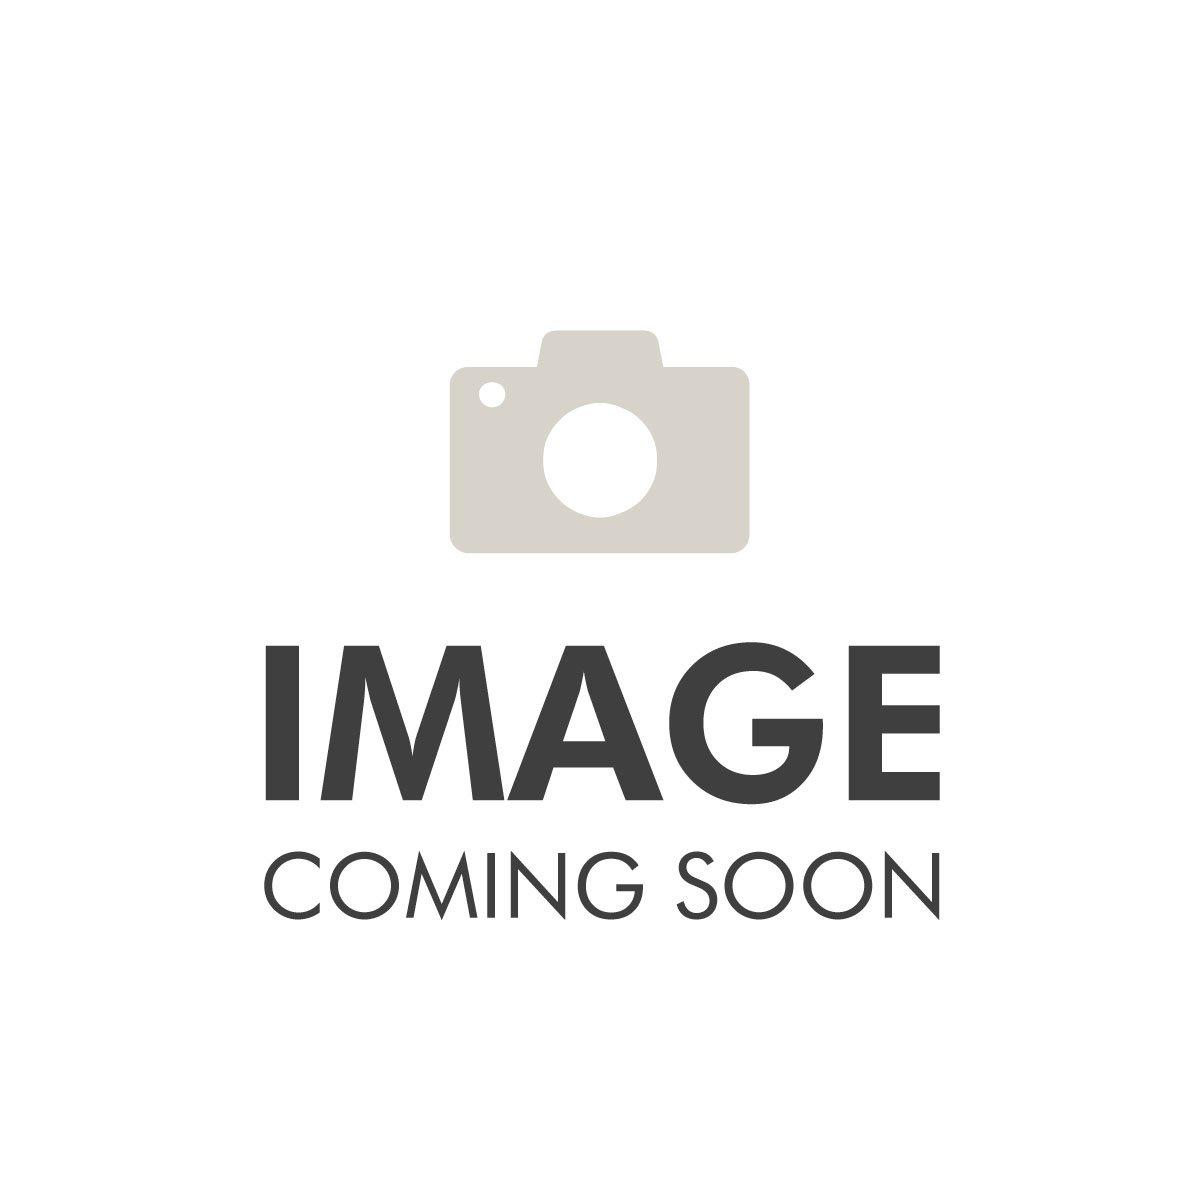 Acqua di Parma Acqua Parma Essenza Sh&S/G 200ml